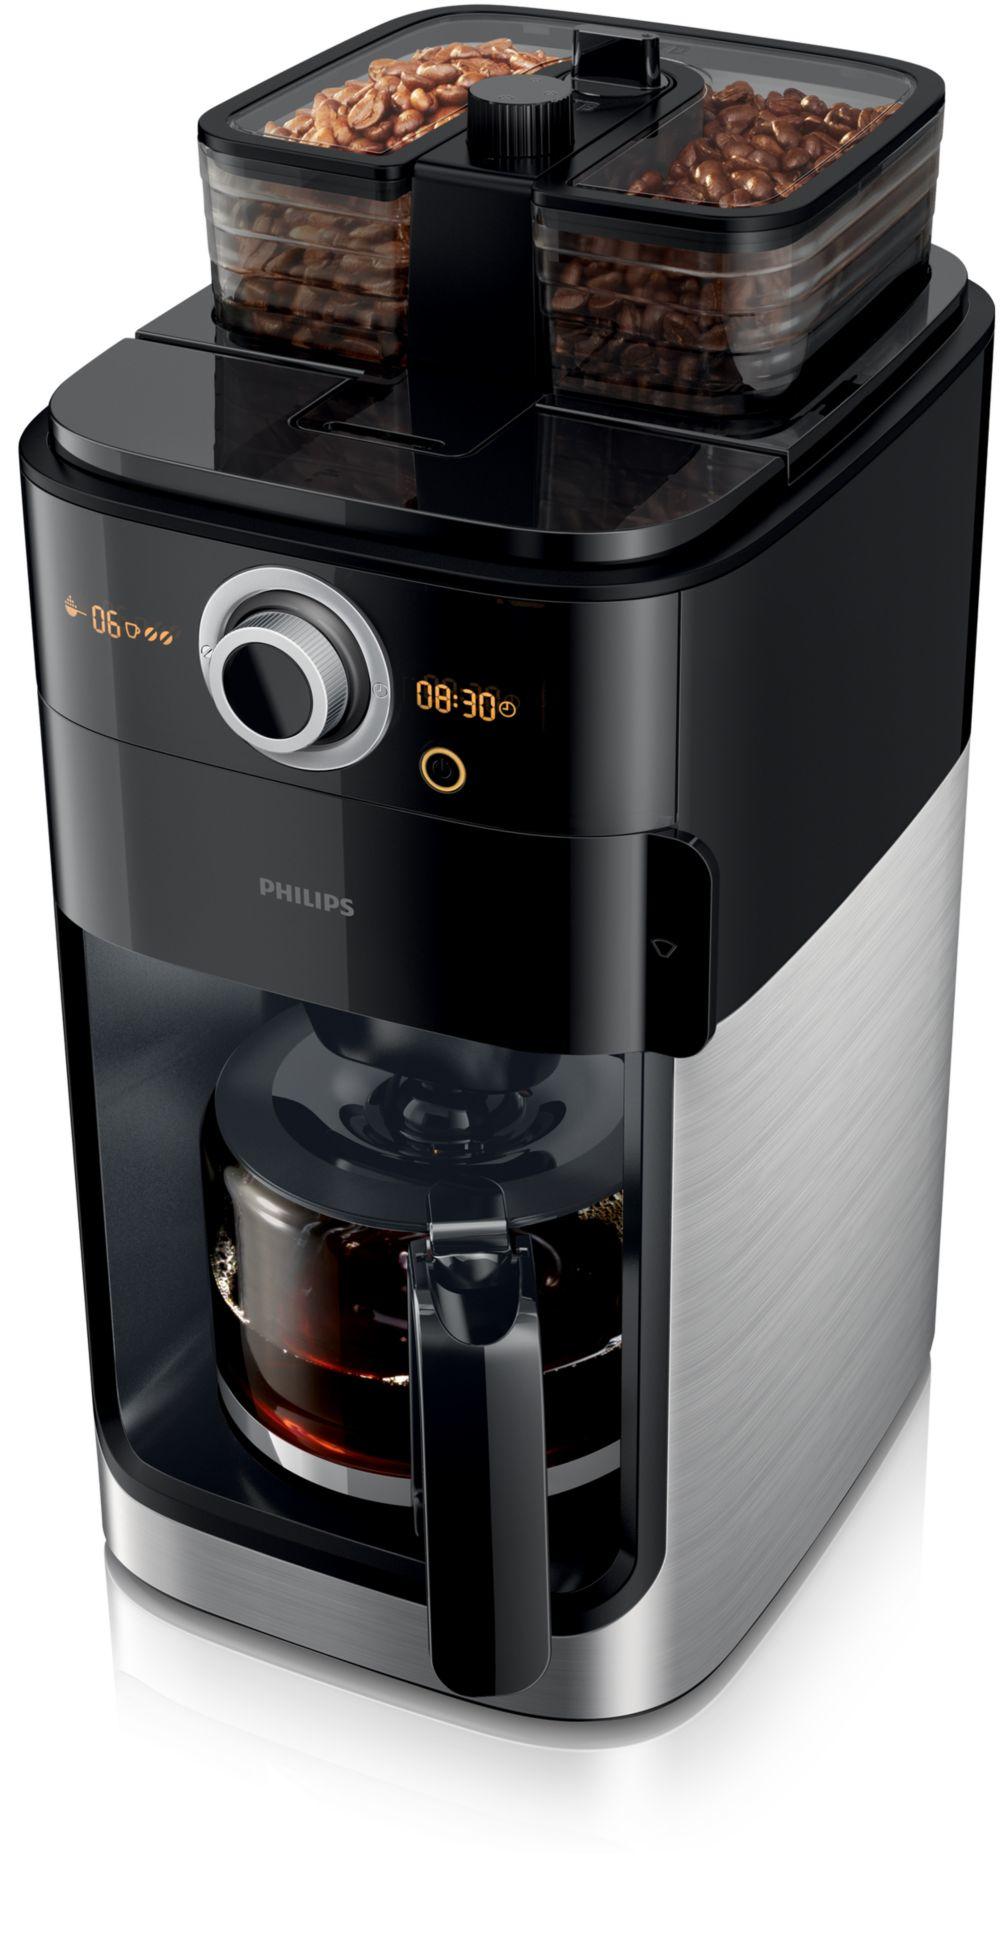 Philips HD7766/00 Grind & Brew Filterkaffeemaschine mit Mahlwerk für 149,99 Euro